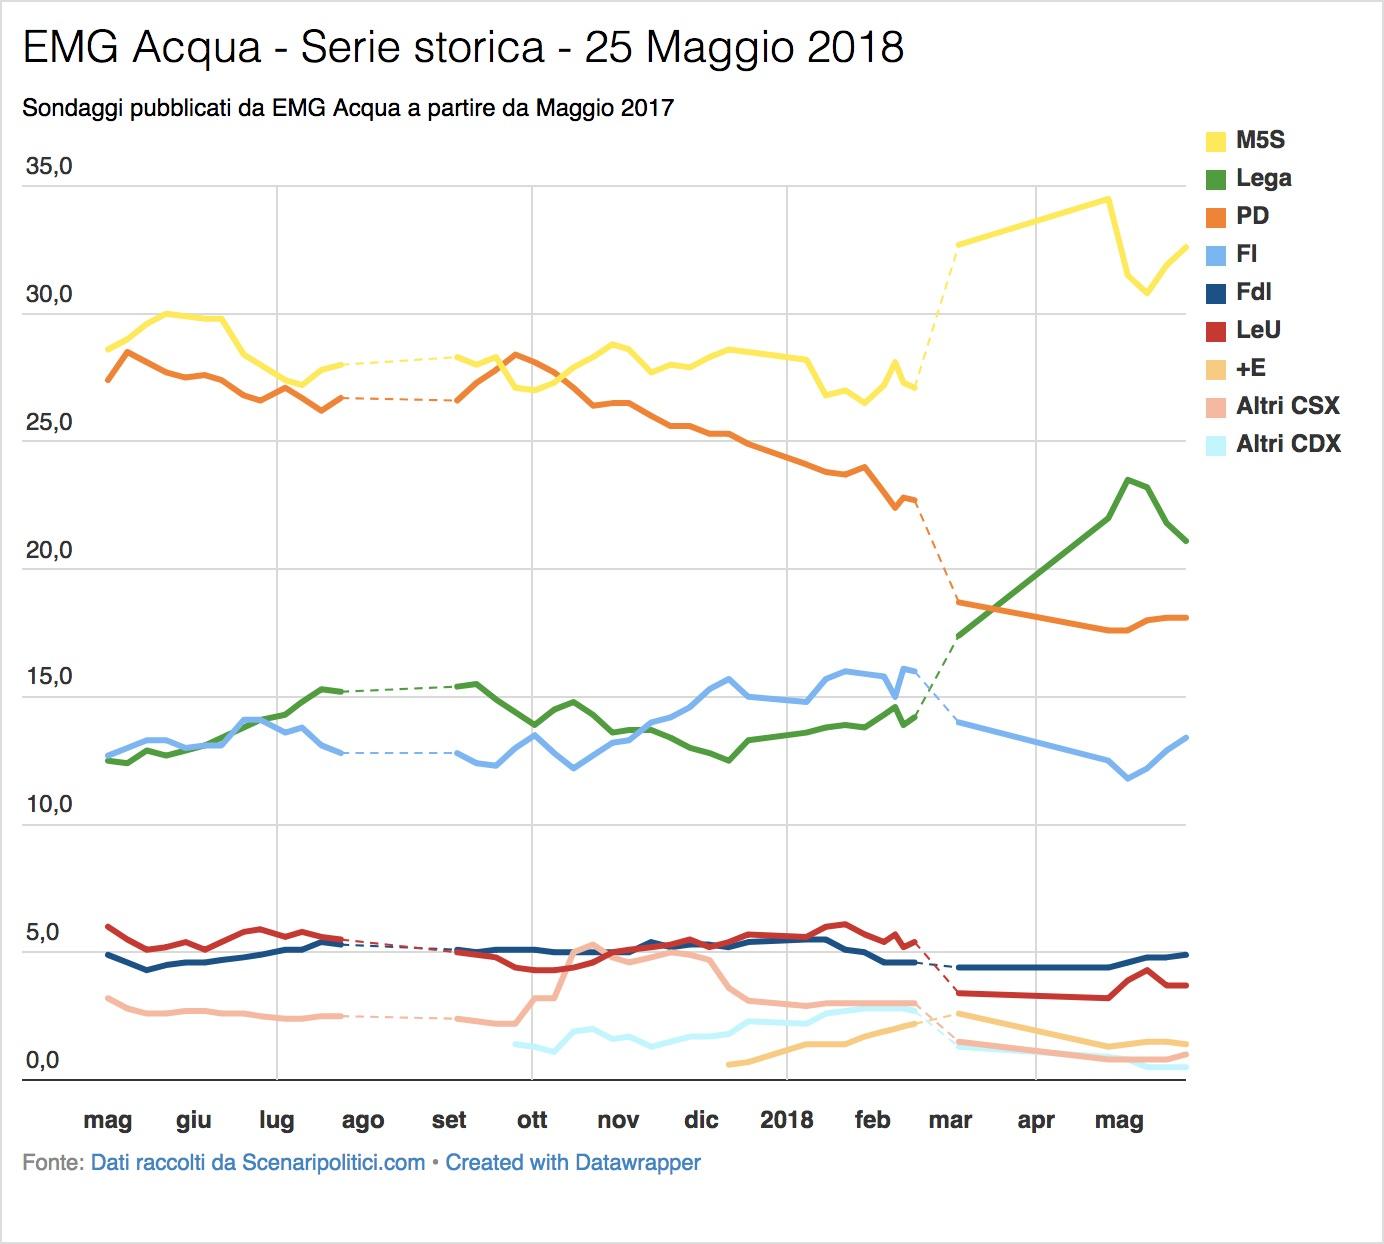 Sondaggio EMG Acqua (25 Maggio 2018)